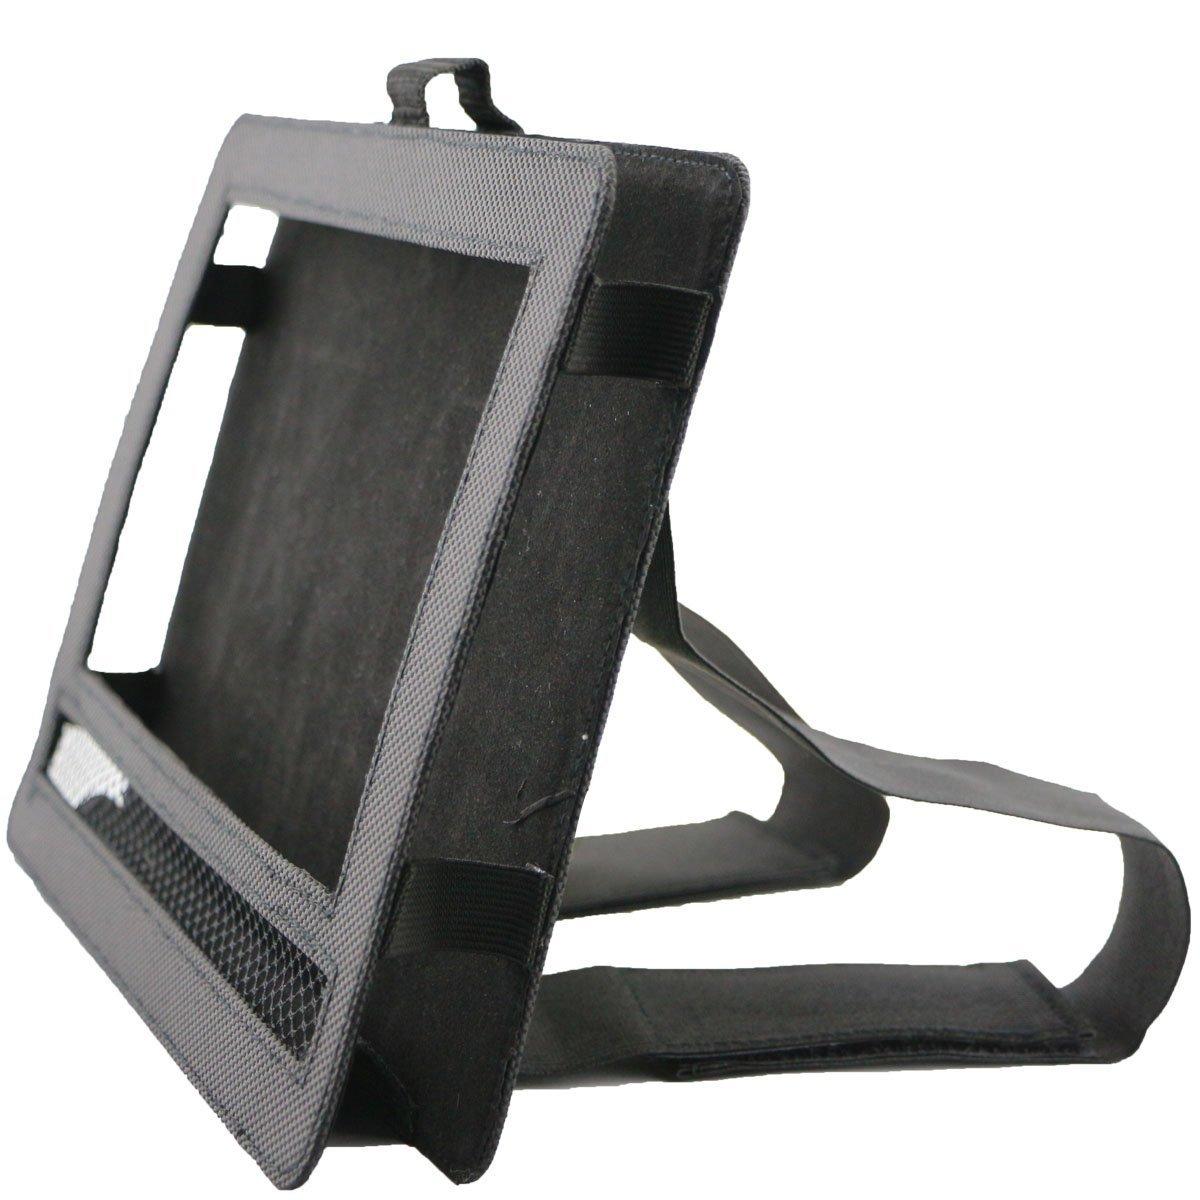 Car DVD Player Holder, Portable RevoLity 7-10.5 Inch Car DVD Headrest Mount Holder Strap Case Color Black (10-10.5 Inch)